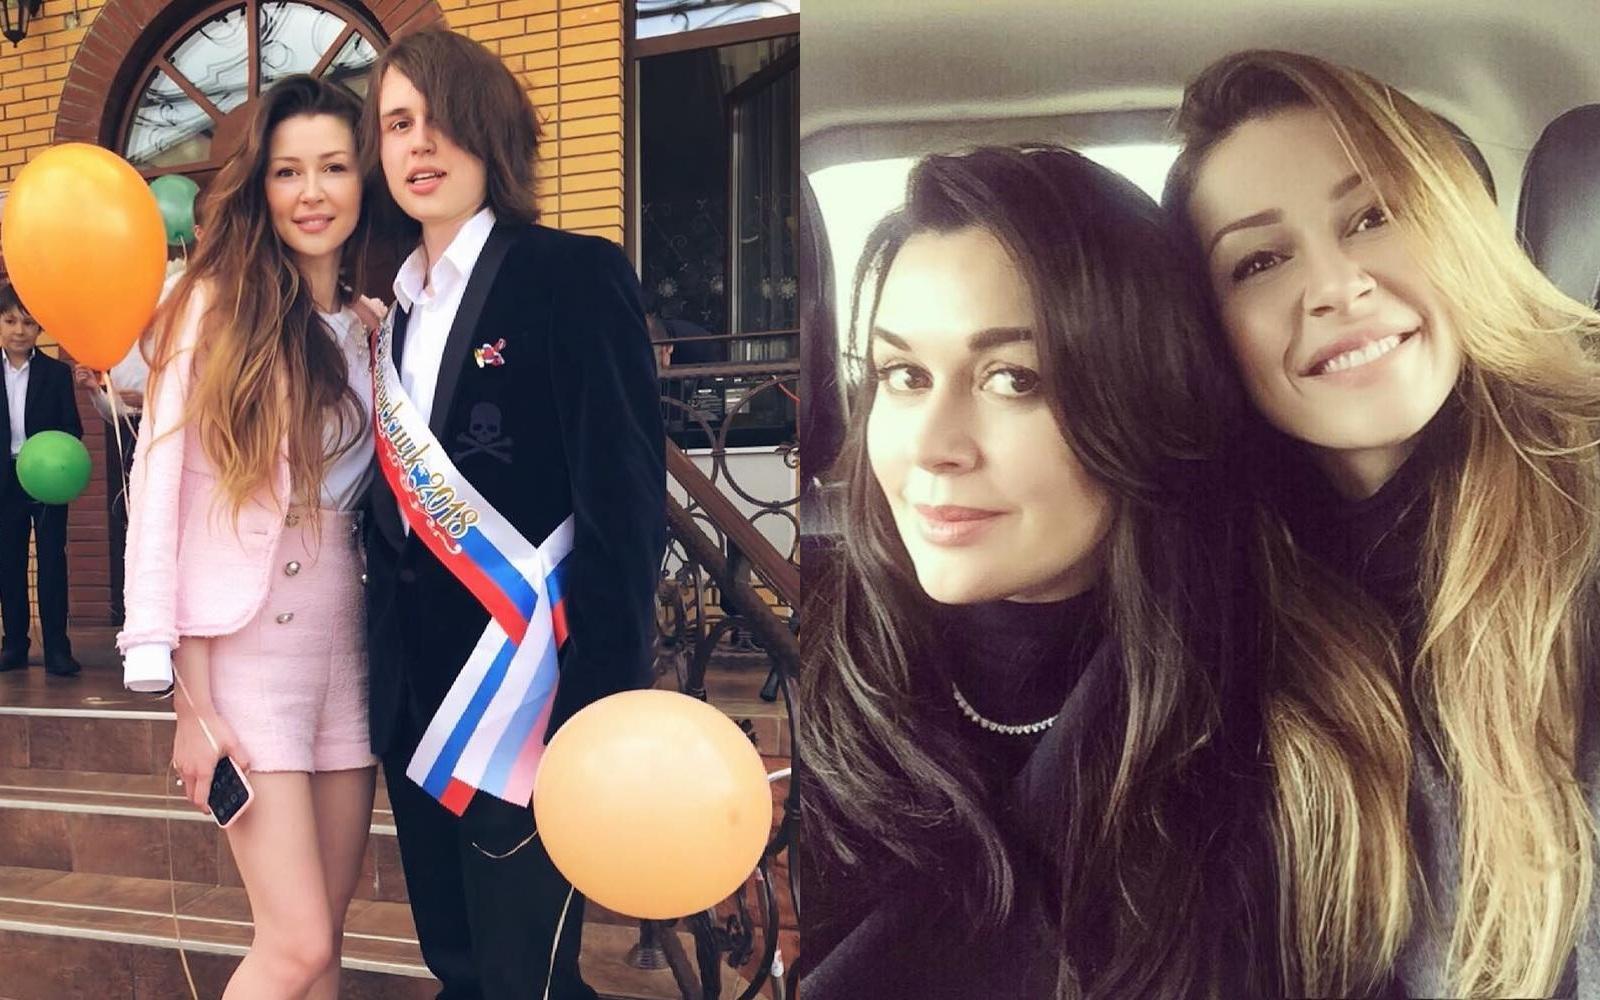 Слева — дочь Анастасии Заворотнюк Анна и сын Майкл, справа — Анастасия с Анной. Фото © Instagram/a_zavorotnyuk, anna_zavorotnyuk